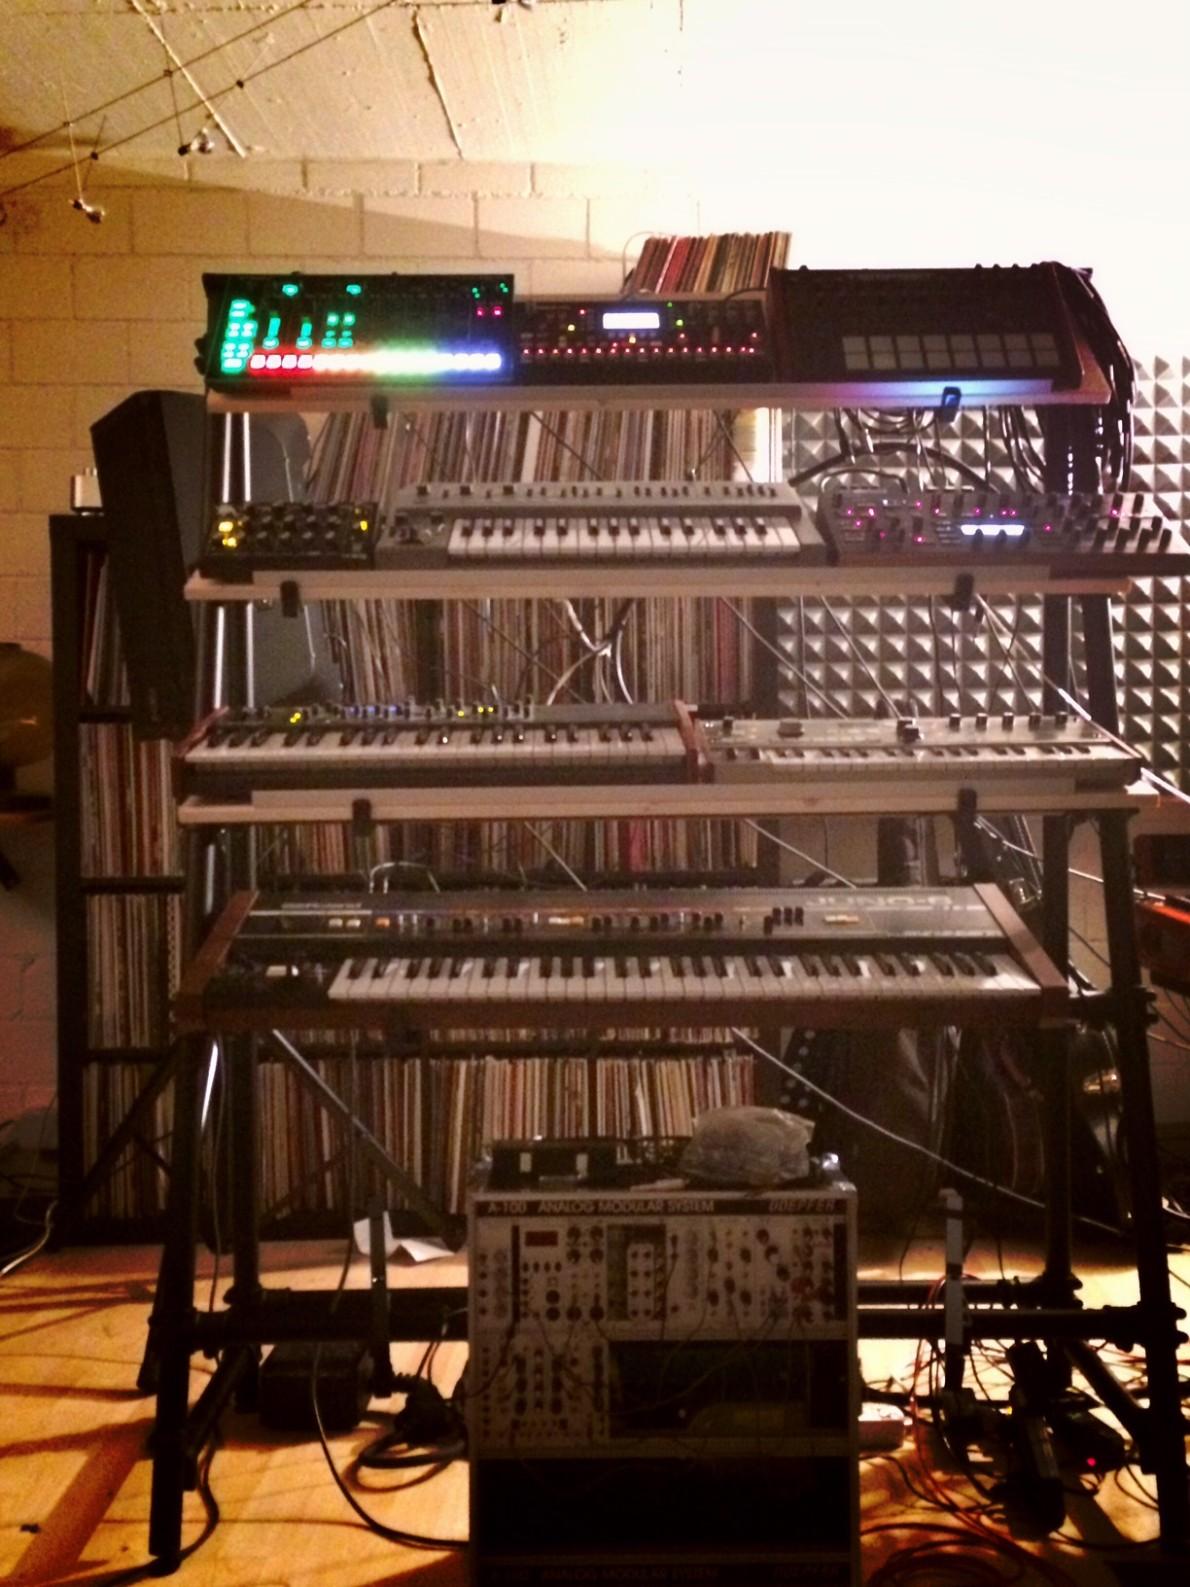 Synthesizer Studio Georg Stuby